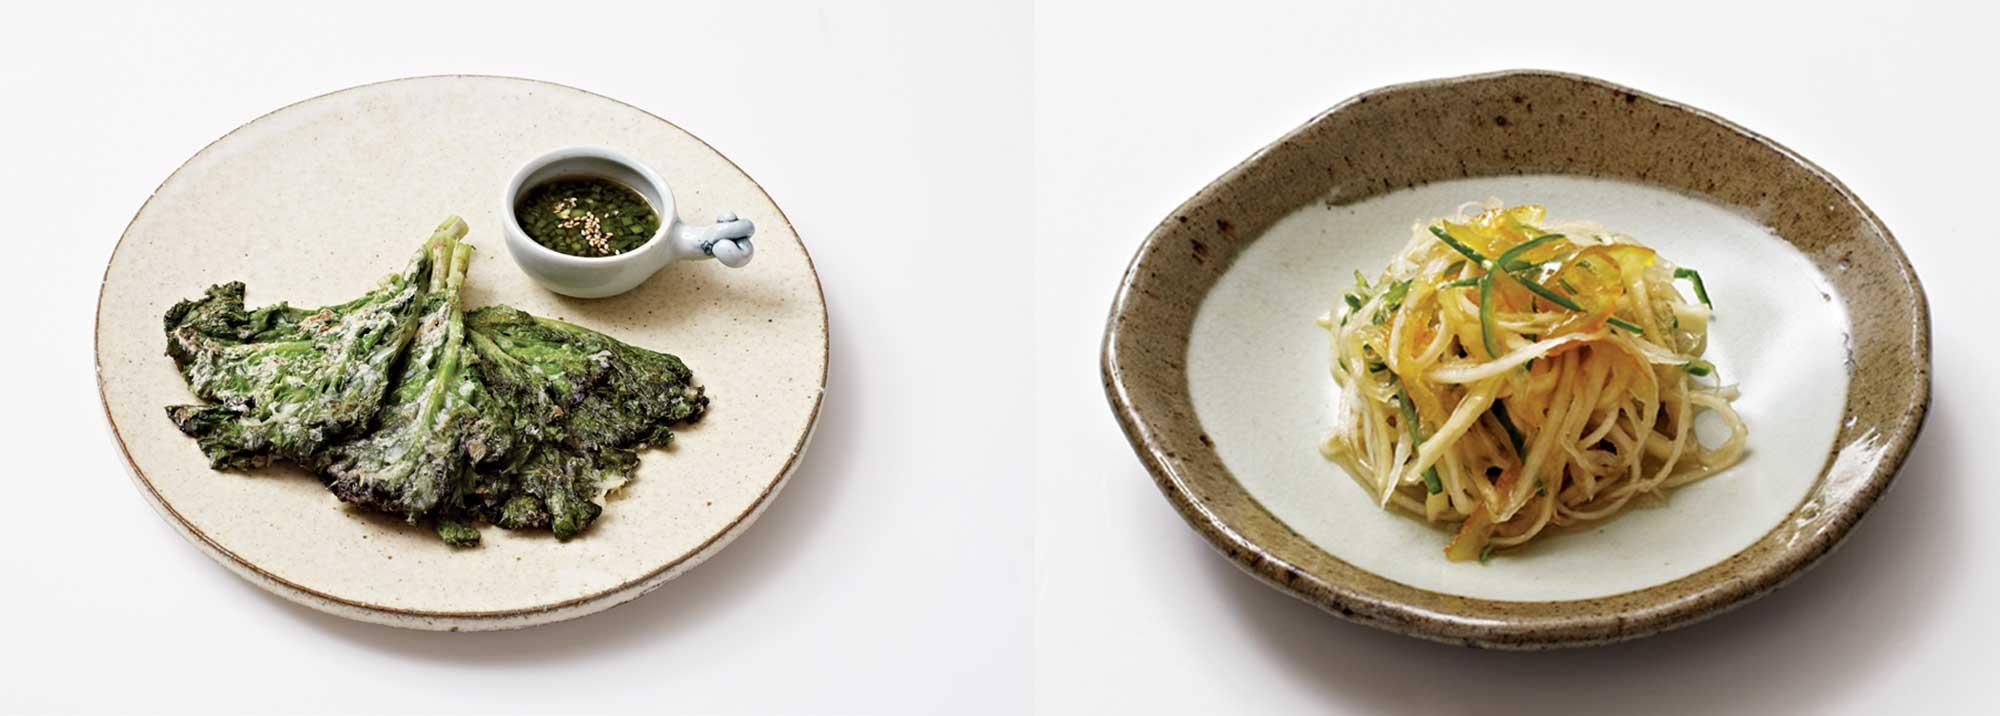 (왼쪽)상추대궁전 -상추대궁을 칼등으로 살살 두드려 편 뒤 부침옷을 입혀 지져낸 전. 초간장을 곁들여 먹는다. 쌉싸름한 것이 제철의 향을 그대로 즐길 수 있는 메뉴다.(오른쪽)도라지유자청생채 -도라지를 소금에 절인 뒤 가늘게 찢어 1~2년간 담근 유자청, 감식초, 소금, 매실액 등의 양념을 넣어 버무려 만든다. 도라지의 아삭함과 유자의 상큼함을 동시에 즐길 수 있다. ©양성모